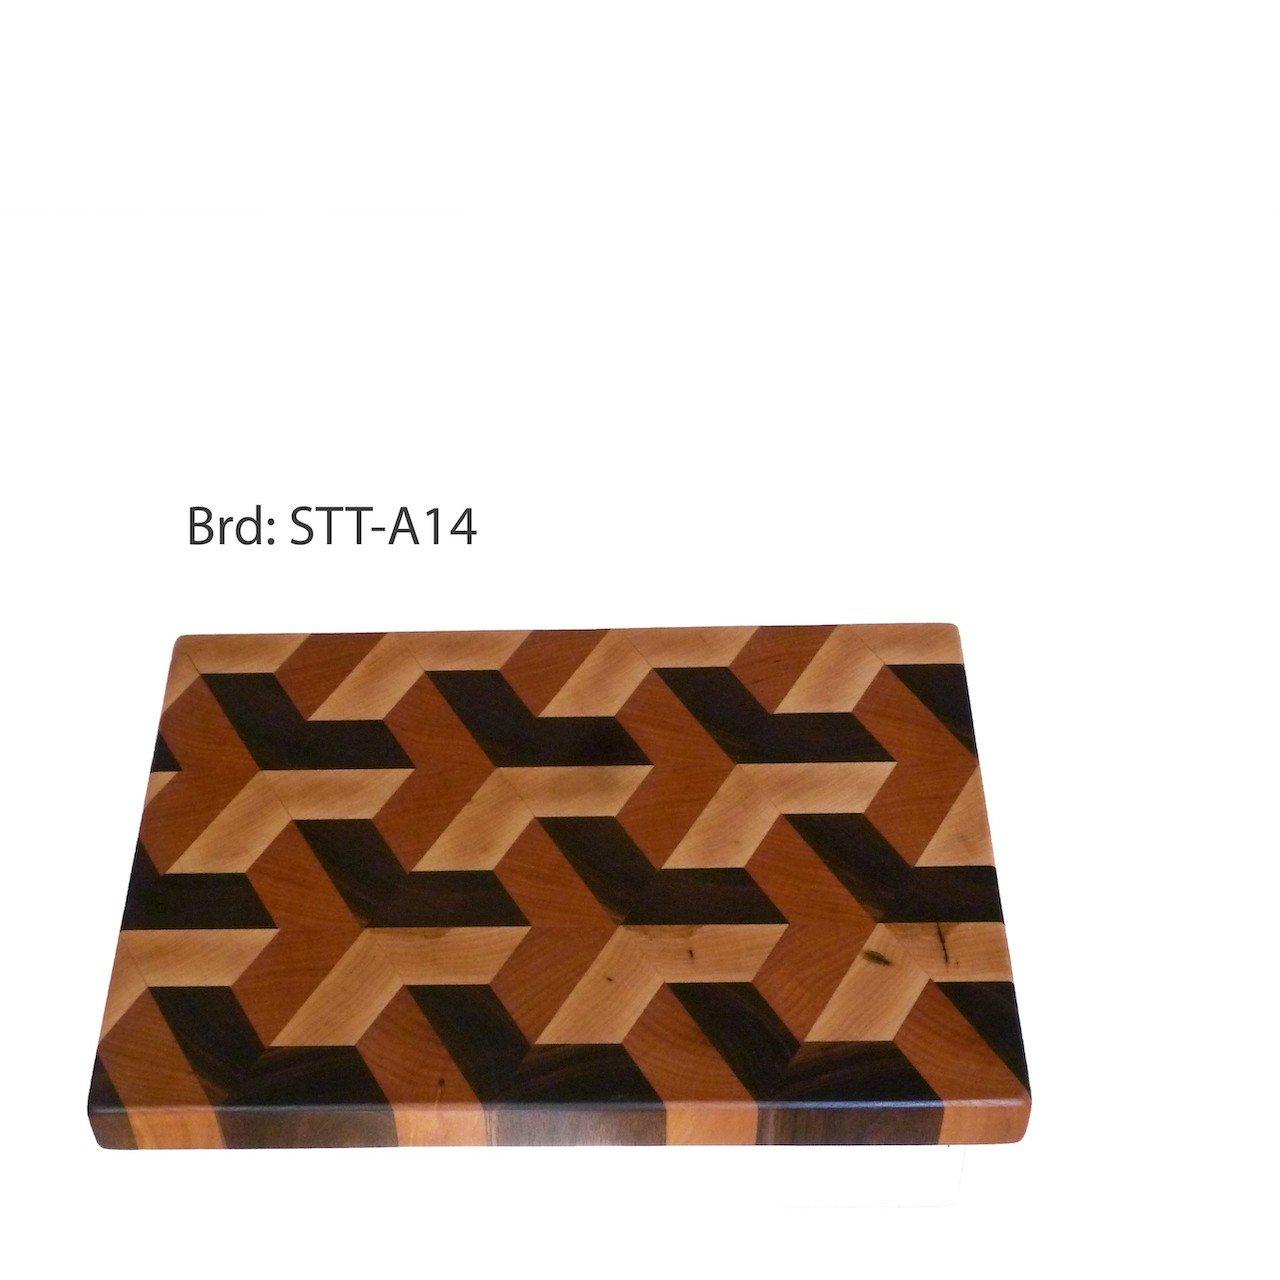 STTT-A14